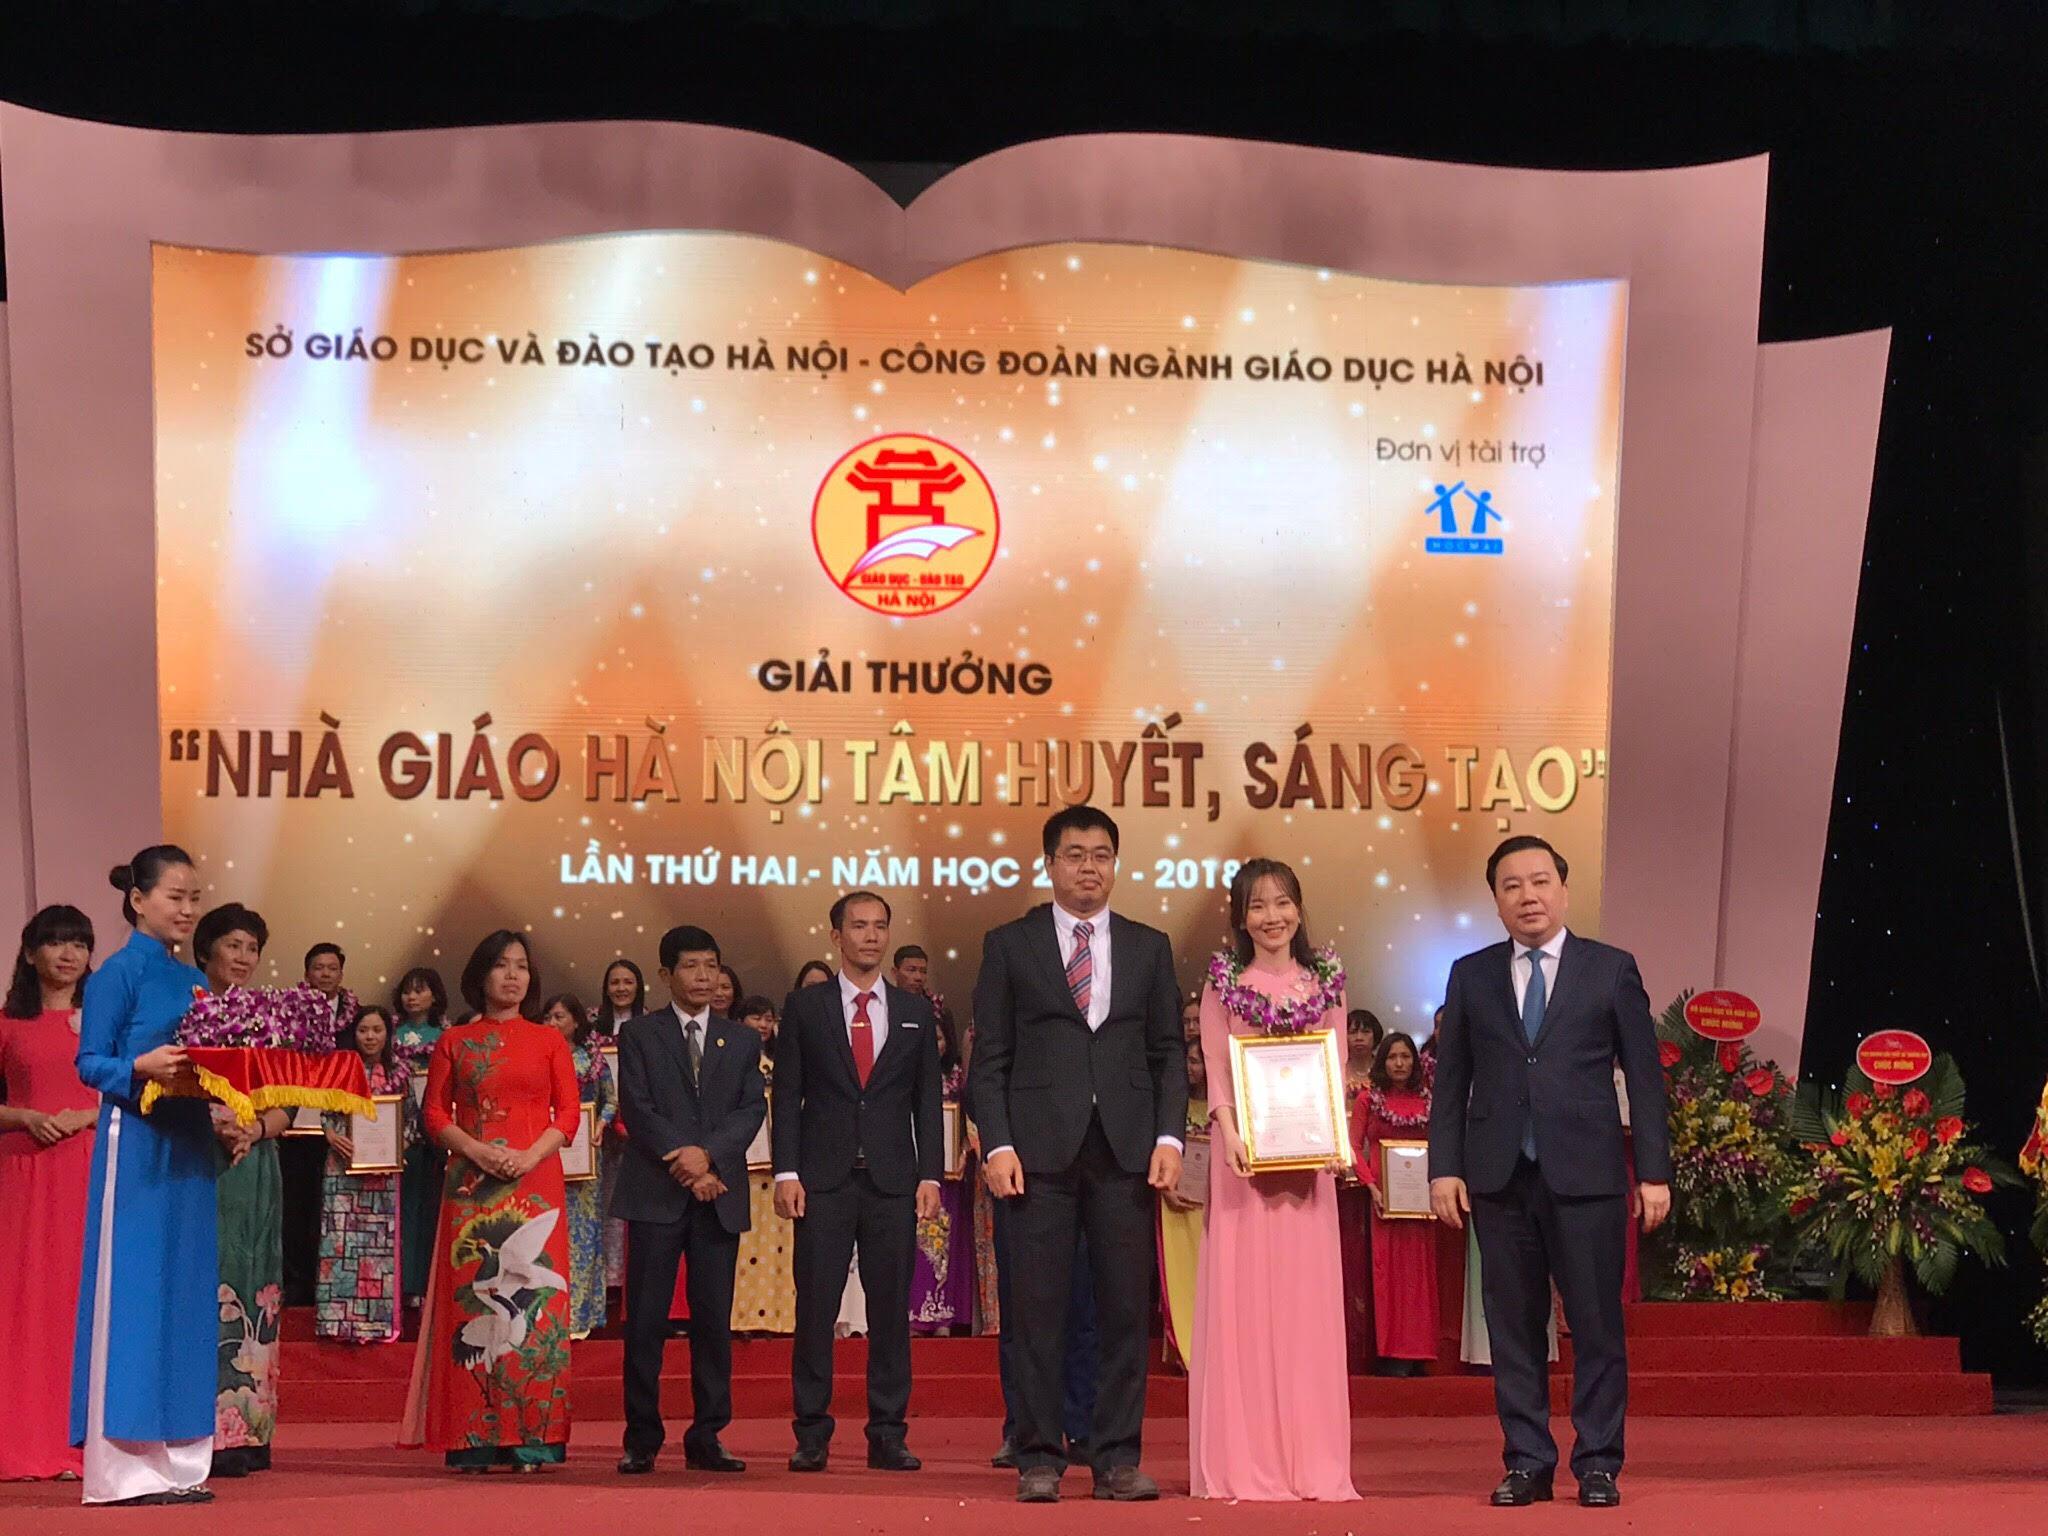 Cô giáo Dương Trang nhận giải Nhà giáo Hà Nội tâm huyết sáng tạo